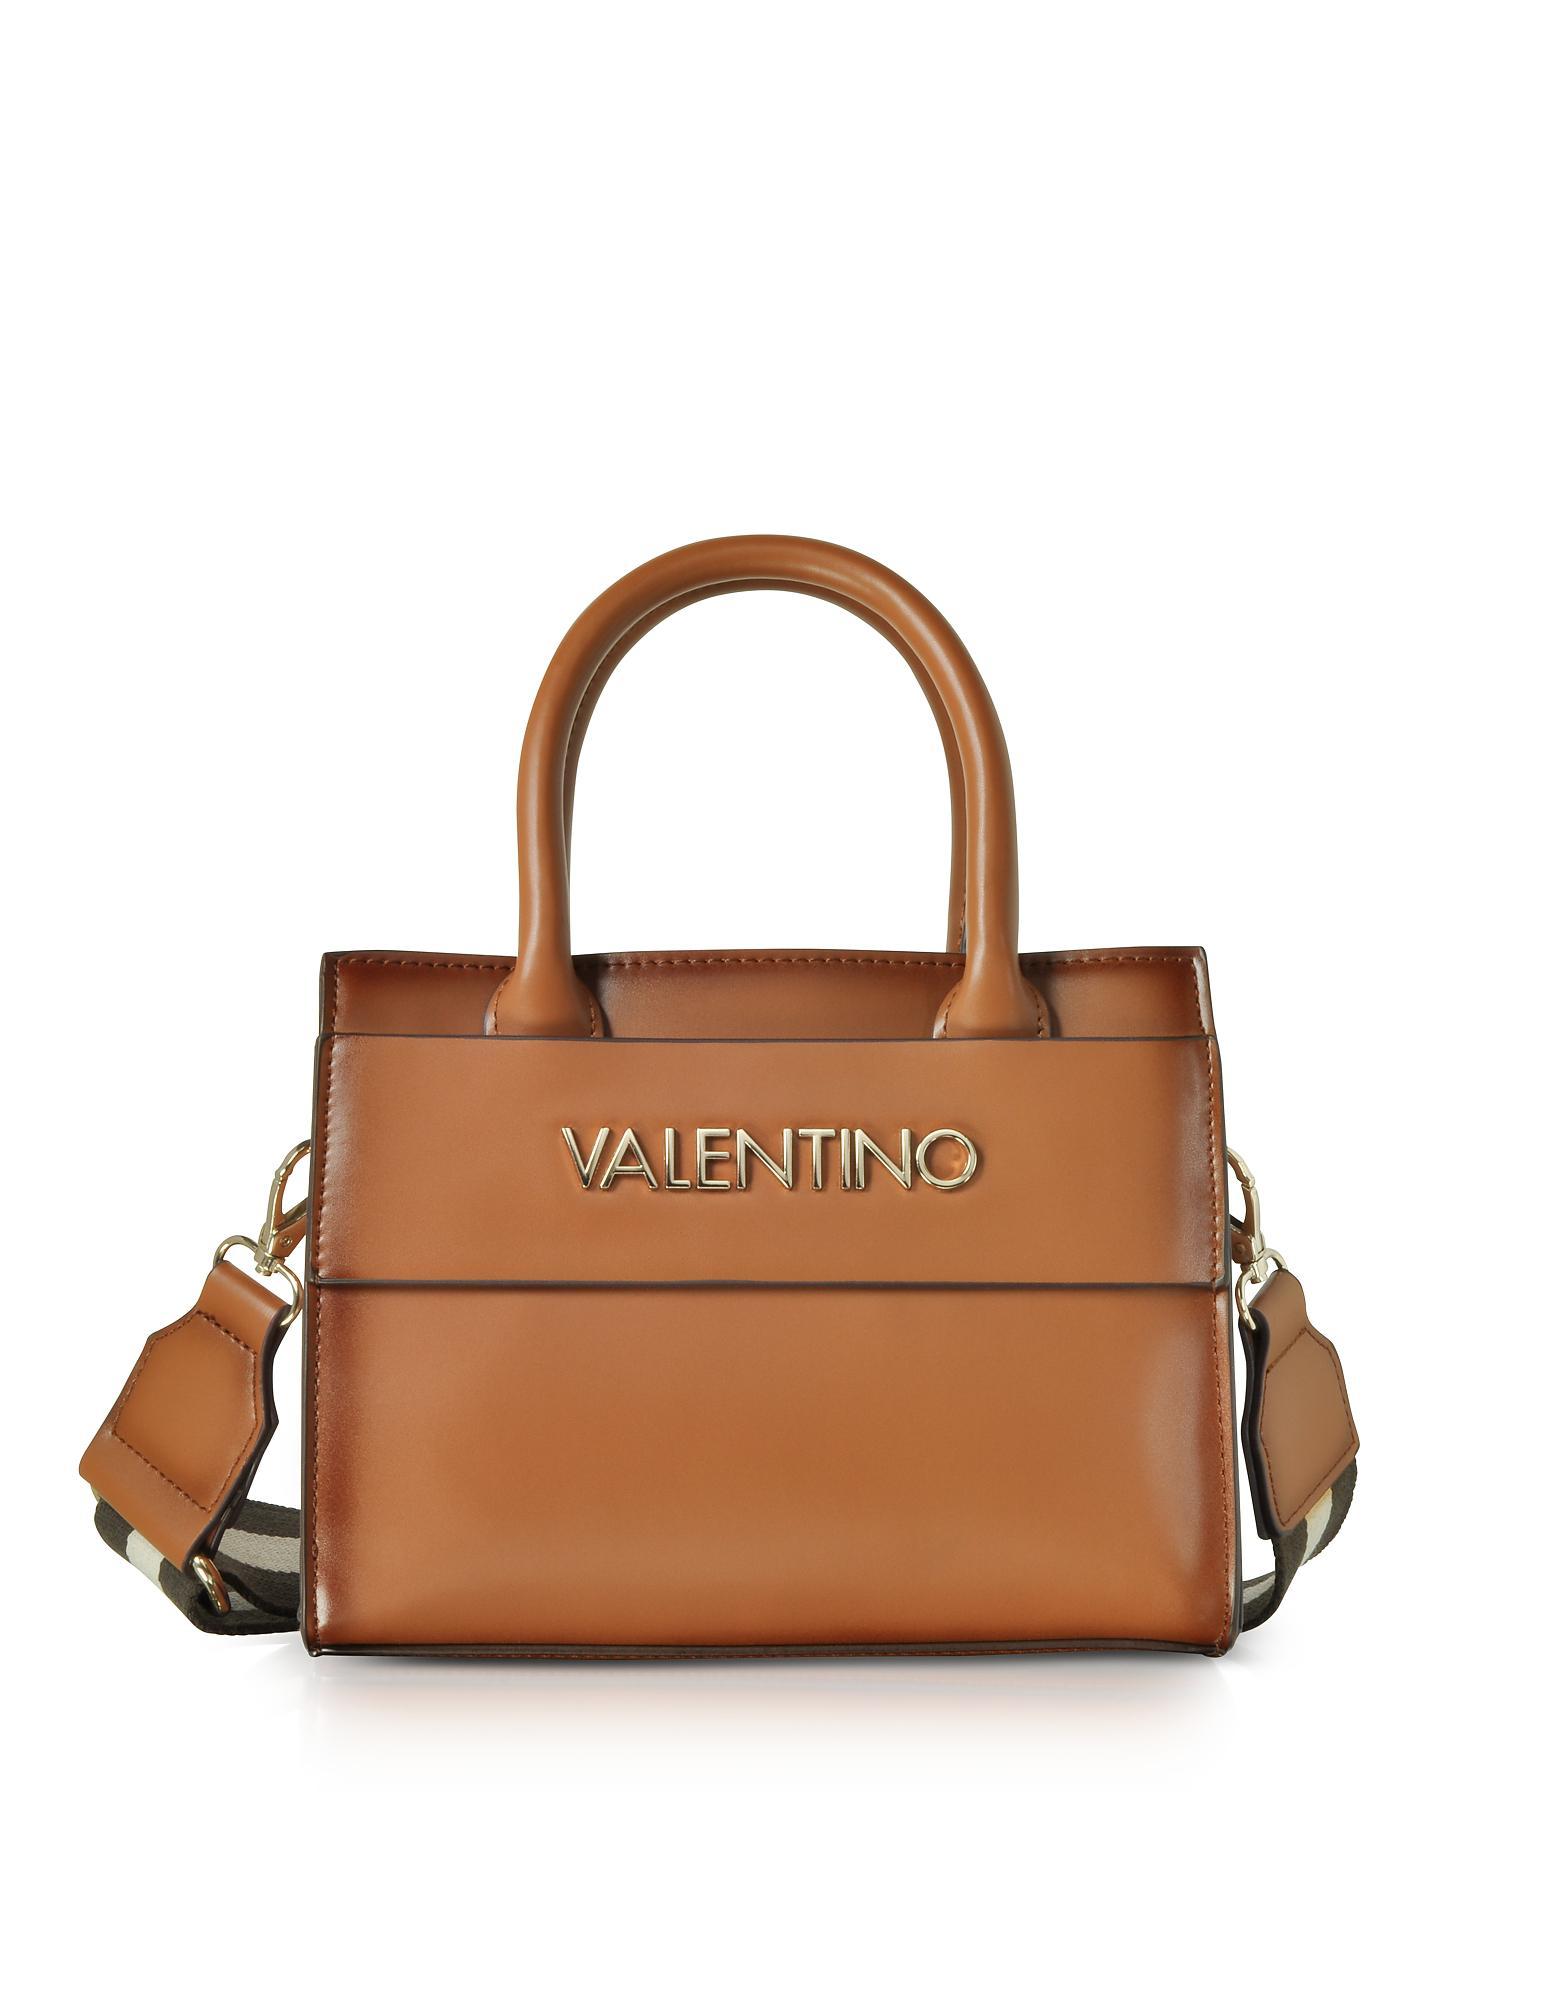 9b2ea9de55 Valentino By Mario Valentino Small Blast Eco Leather Tote Bag in ...